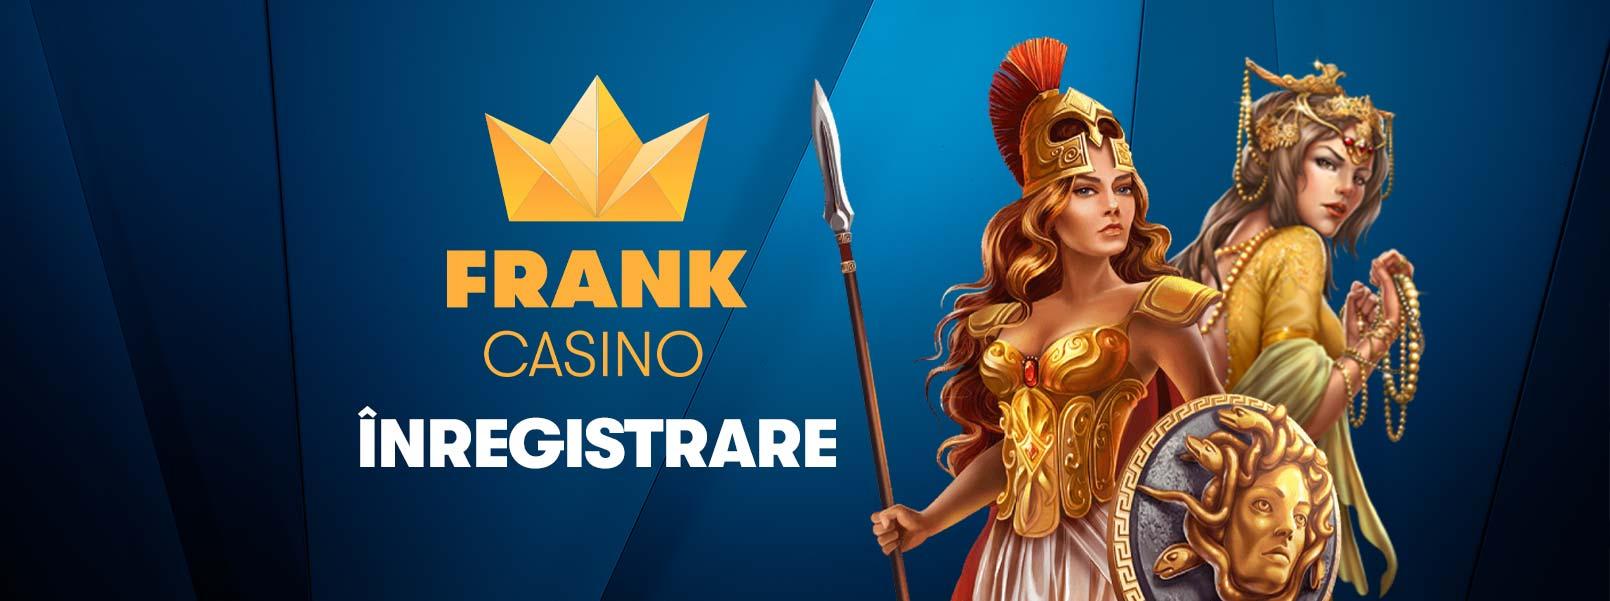 cont frank casino